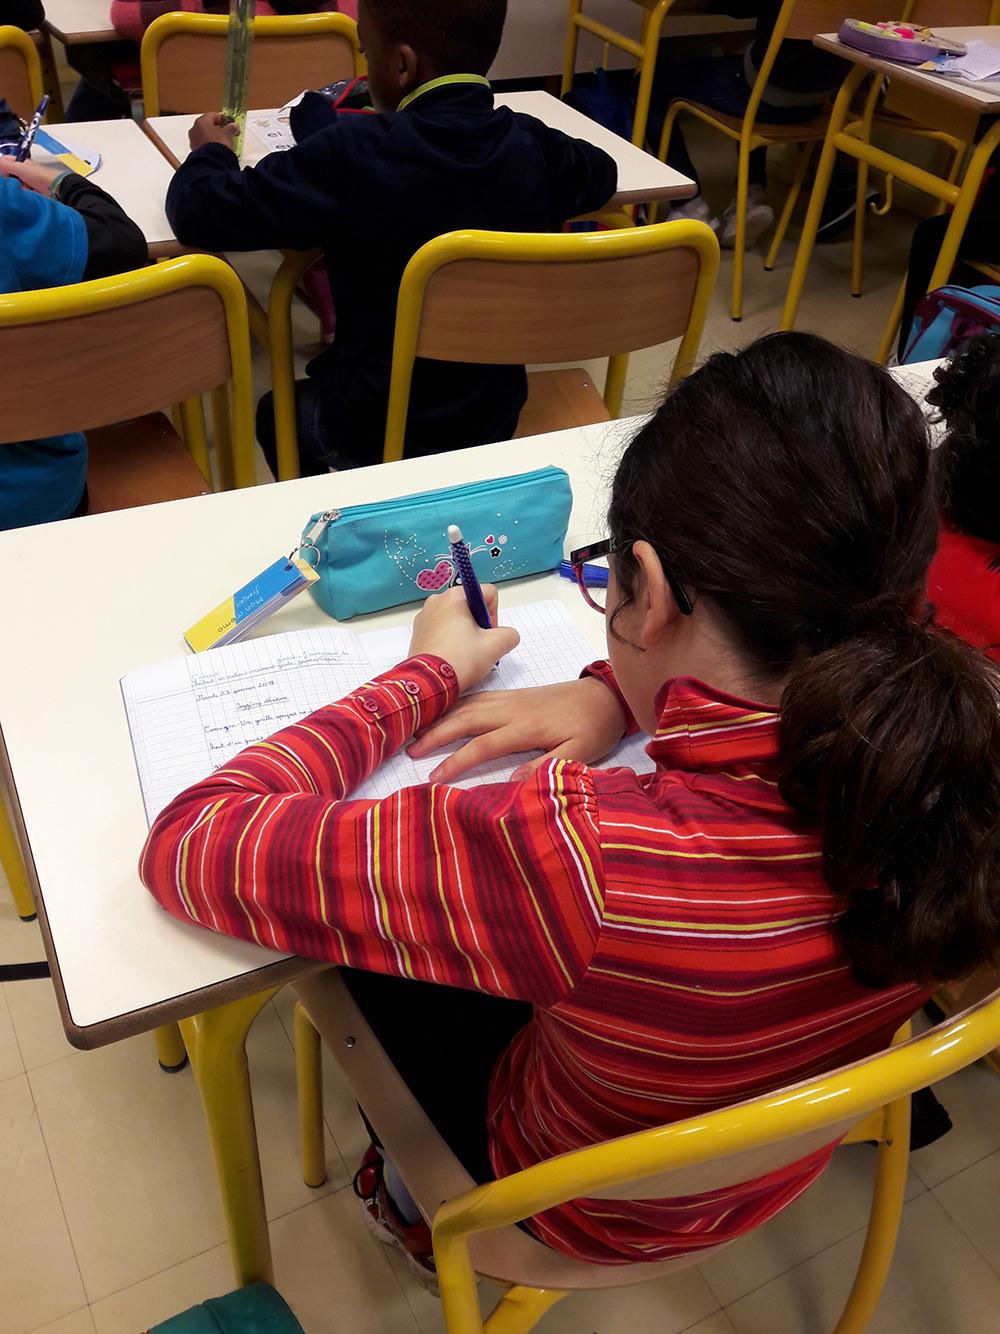 Il suffit que les élèves trouvent un sujet et un verbe pour que ça démarre